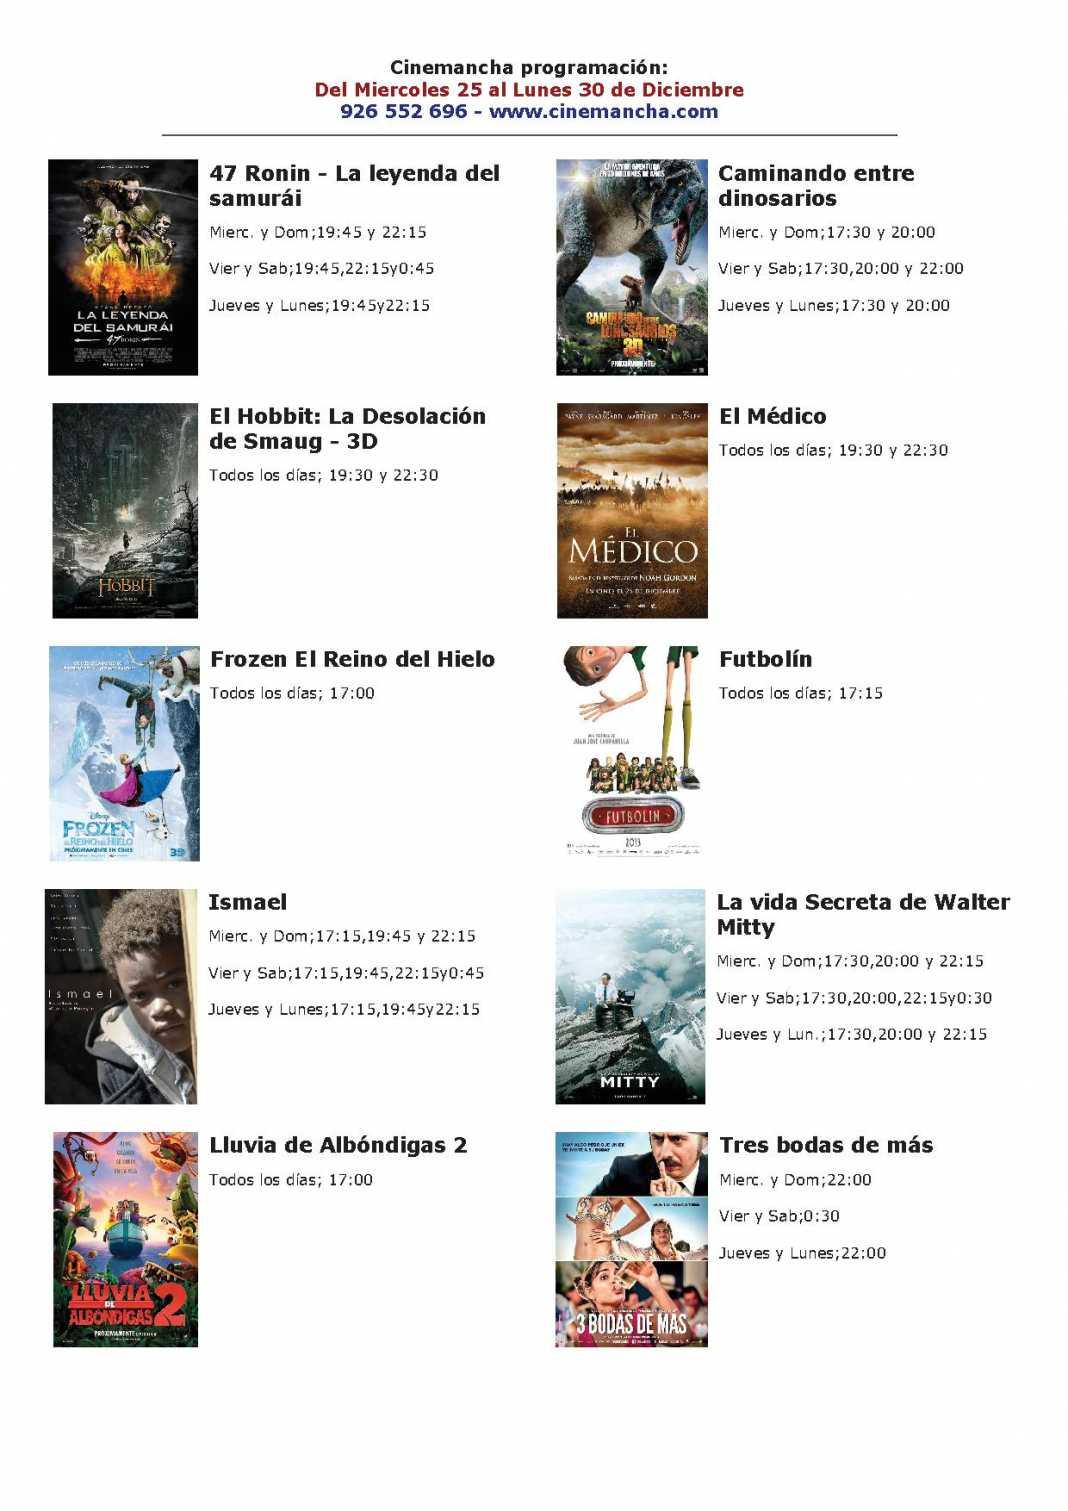 cartelera de cinemancha del 25 al 30 de diciembre 1068x1511 - Programación Cinemancha del 25 al 30 de diciembre